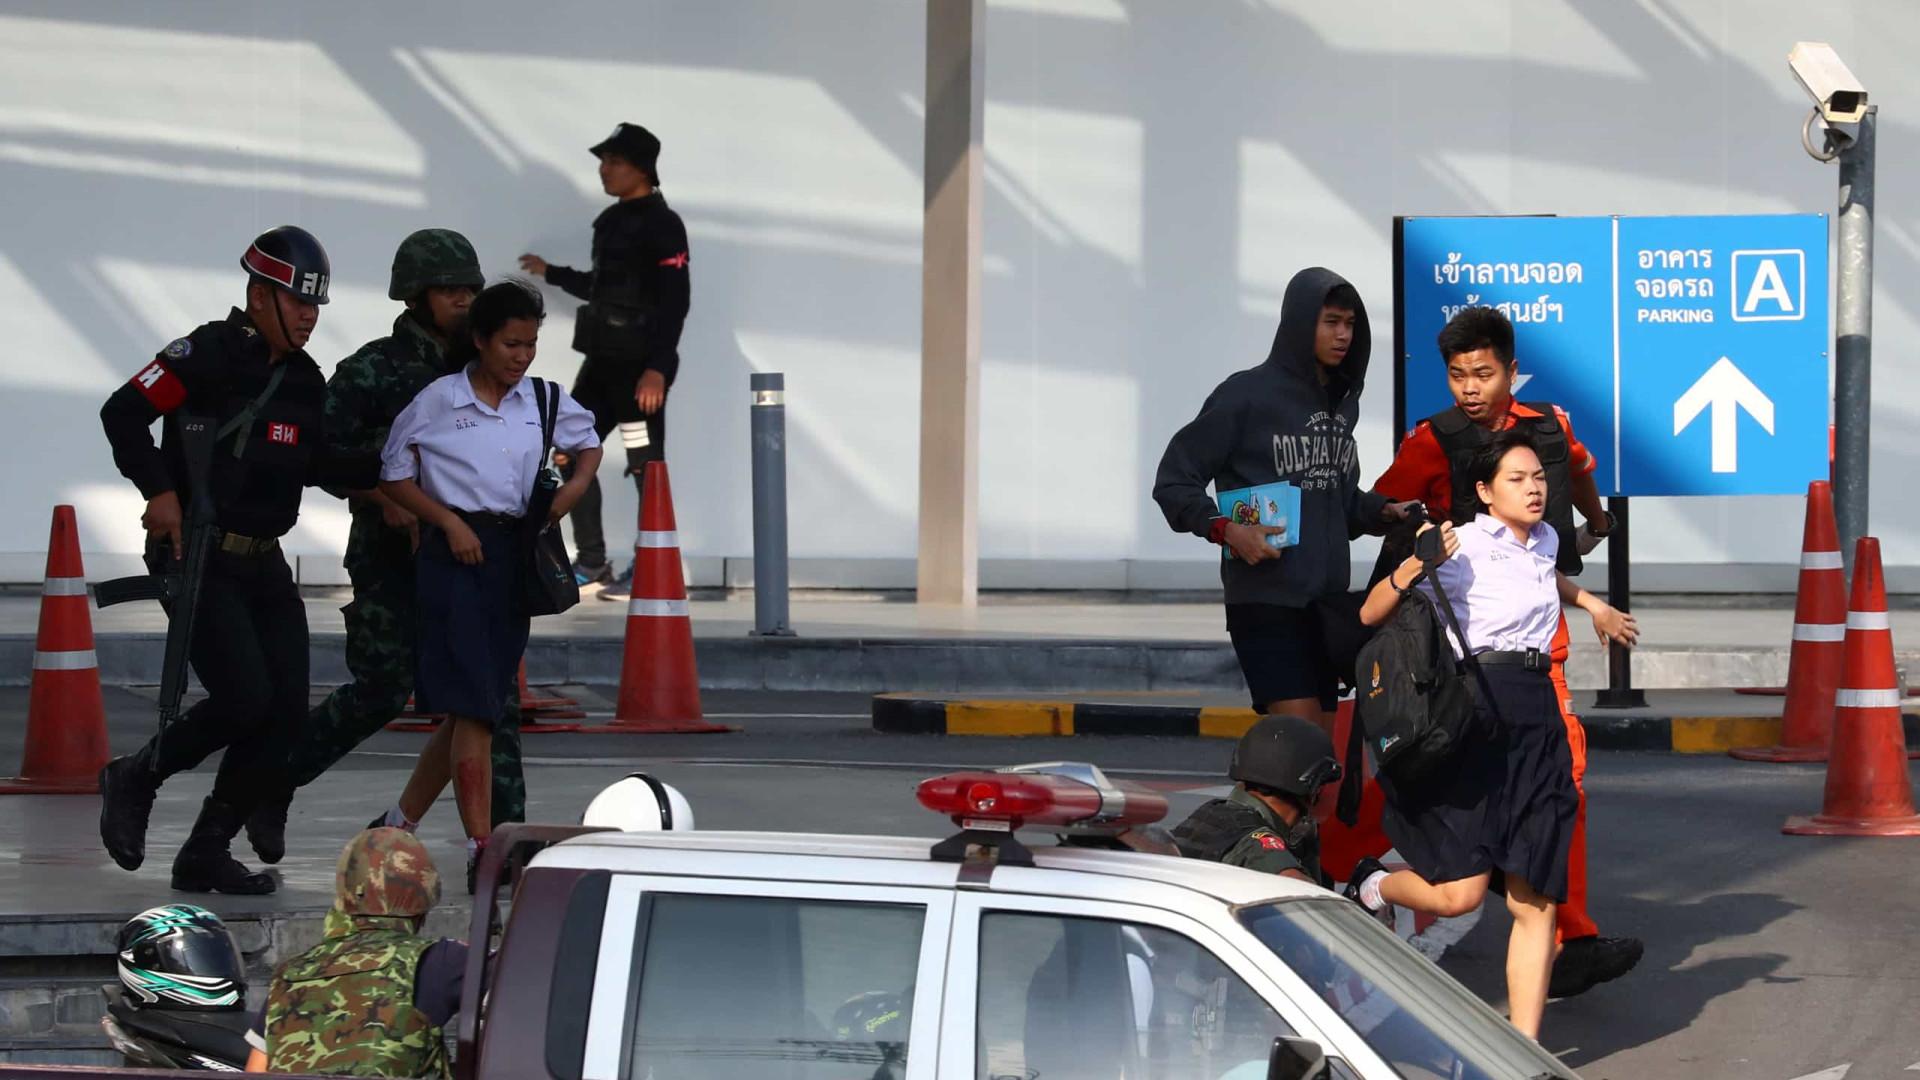 Sobreviventes recordam tiroteio que matou 30 pessoas na Tailândia